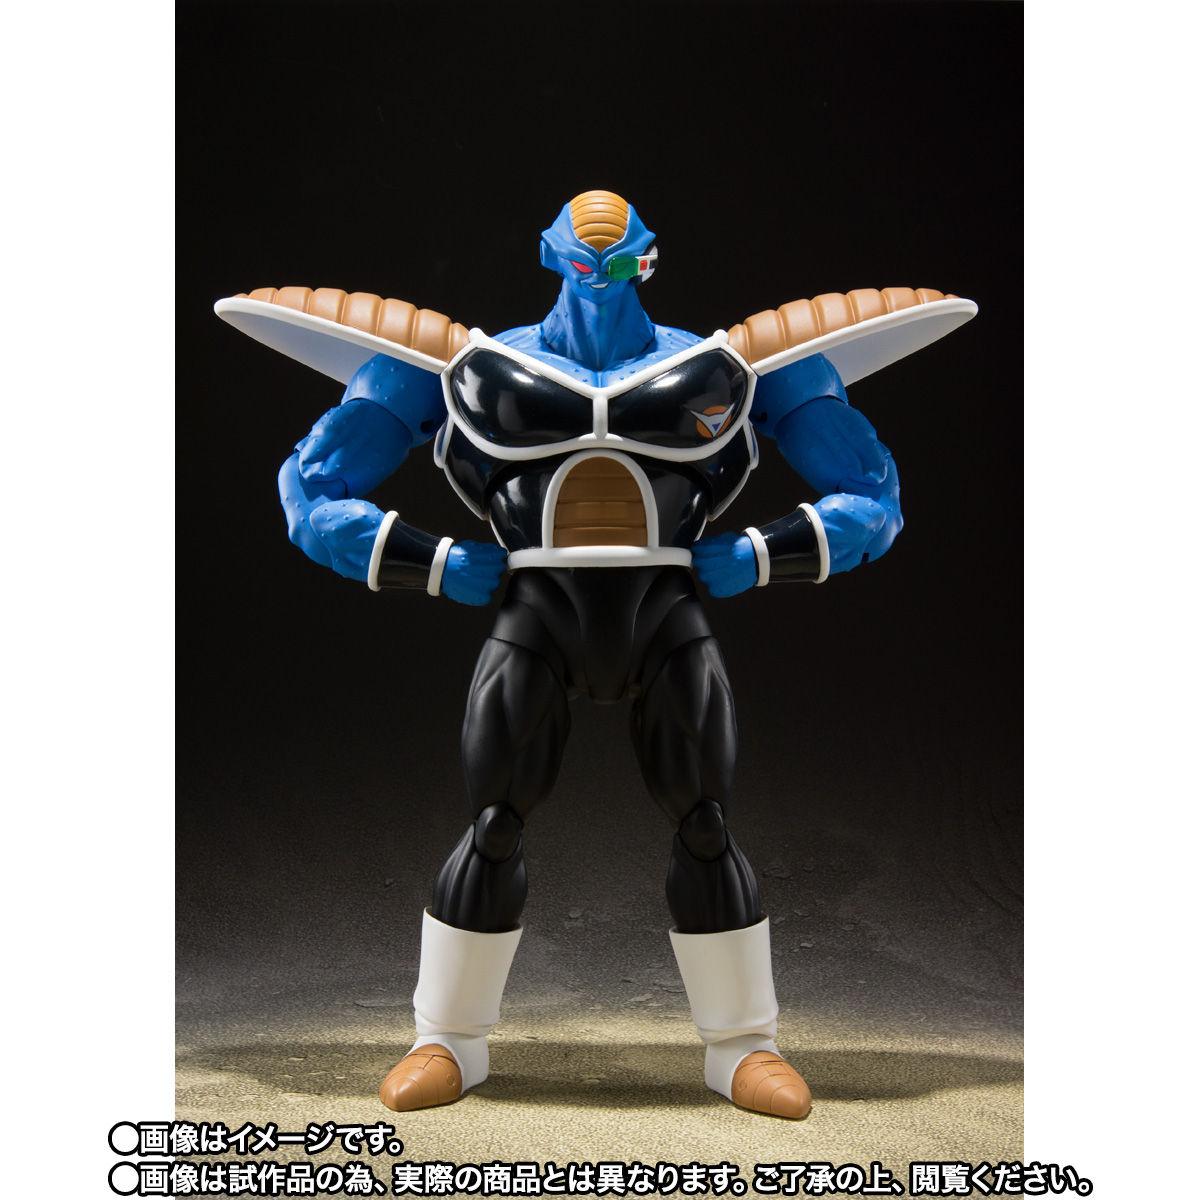 【限定販売】S.H.Figuarts『バータ&グルド』ドラゴンボールZ 可動フィギュア-004